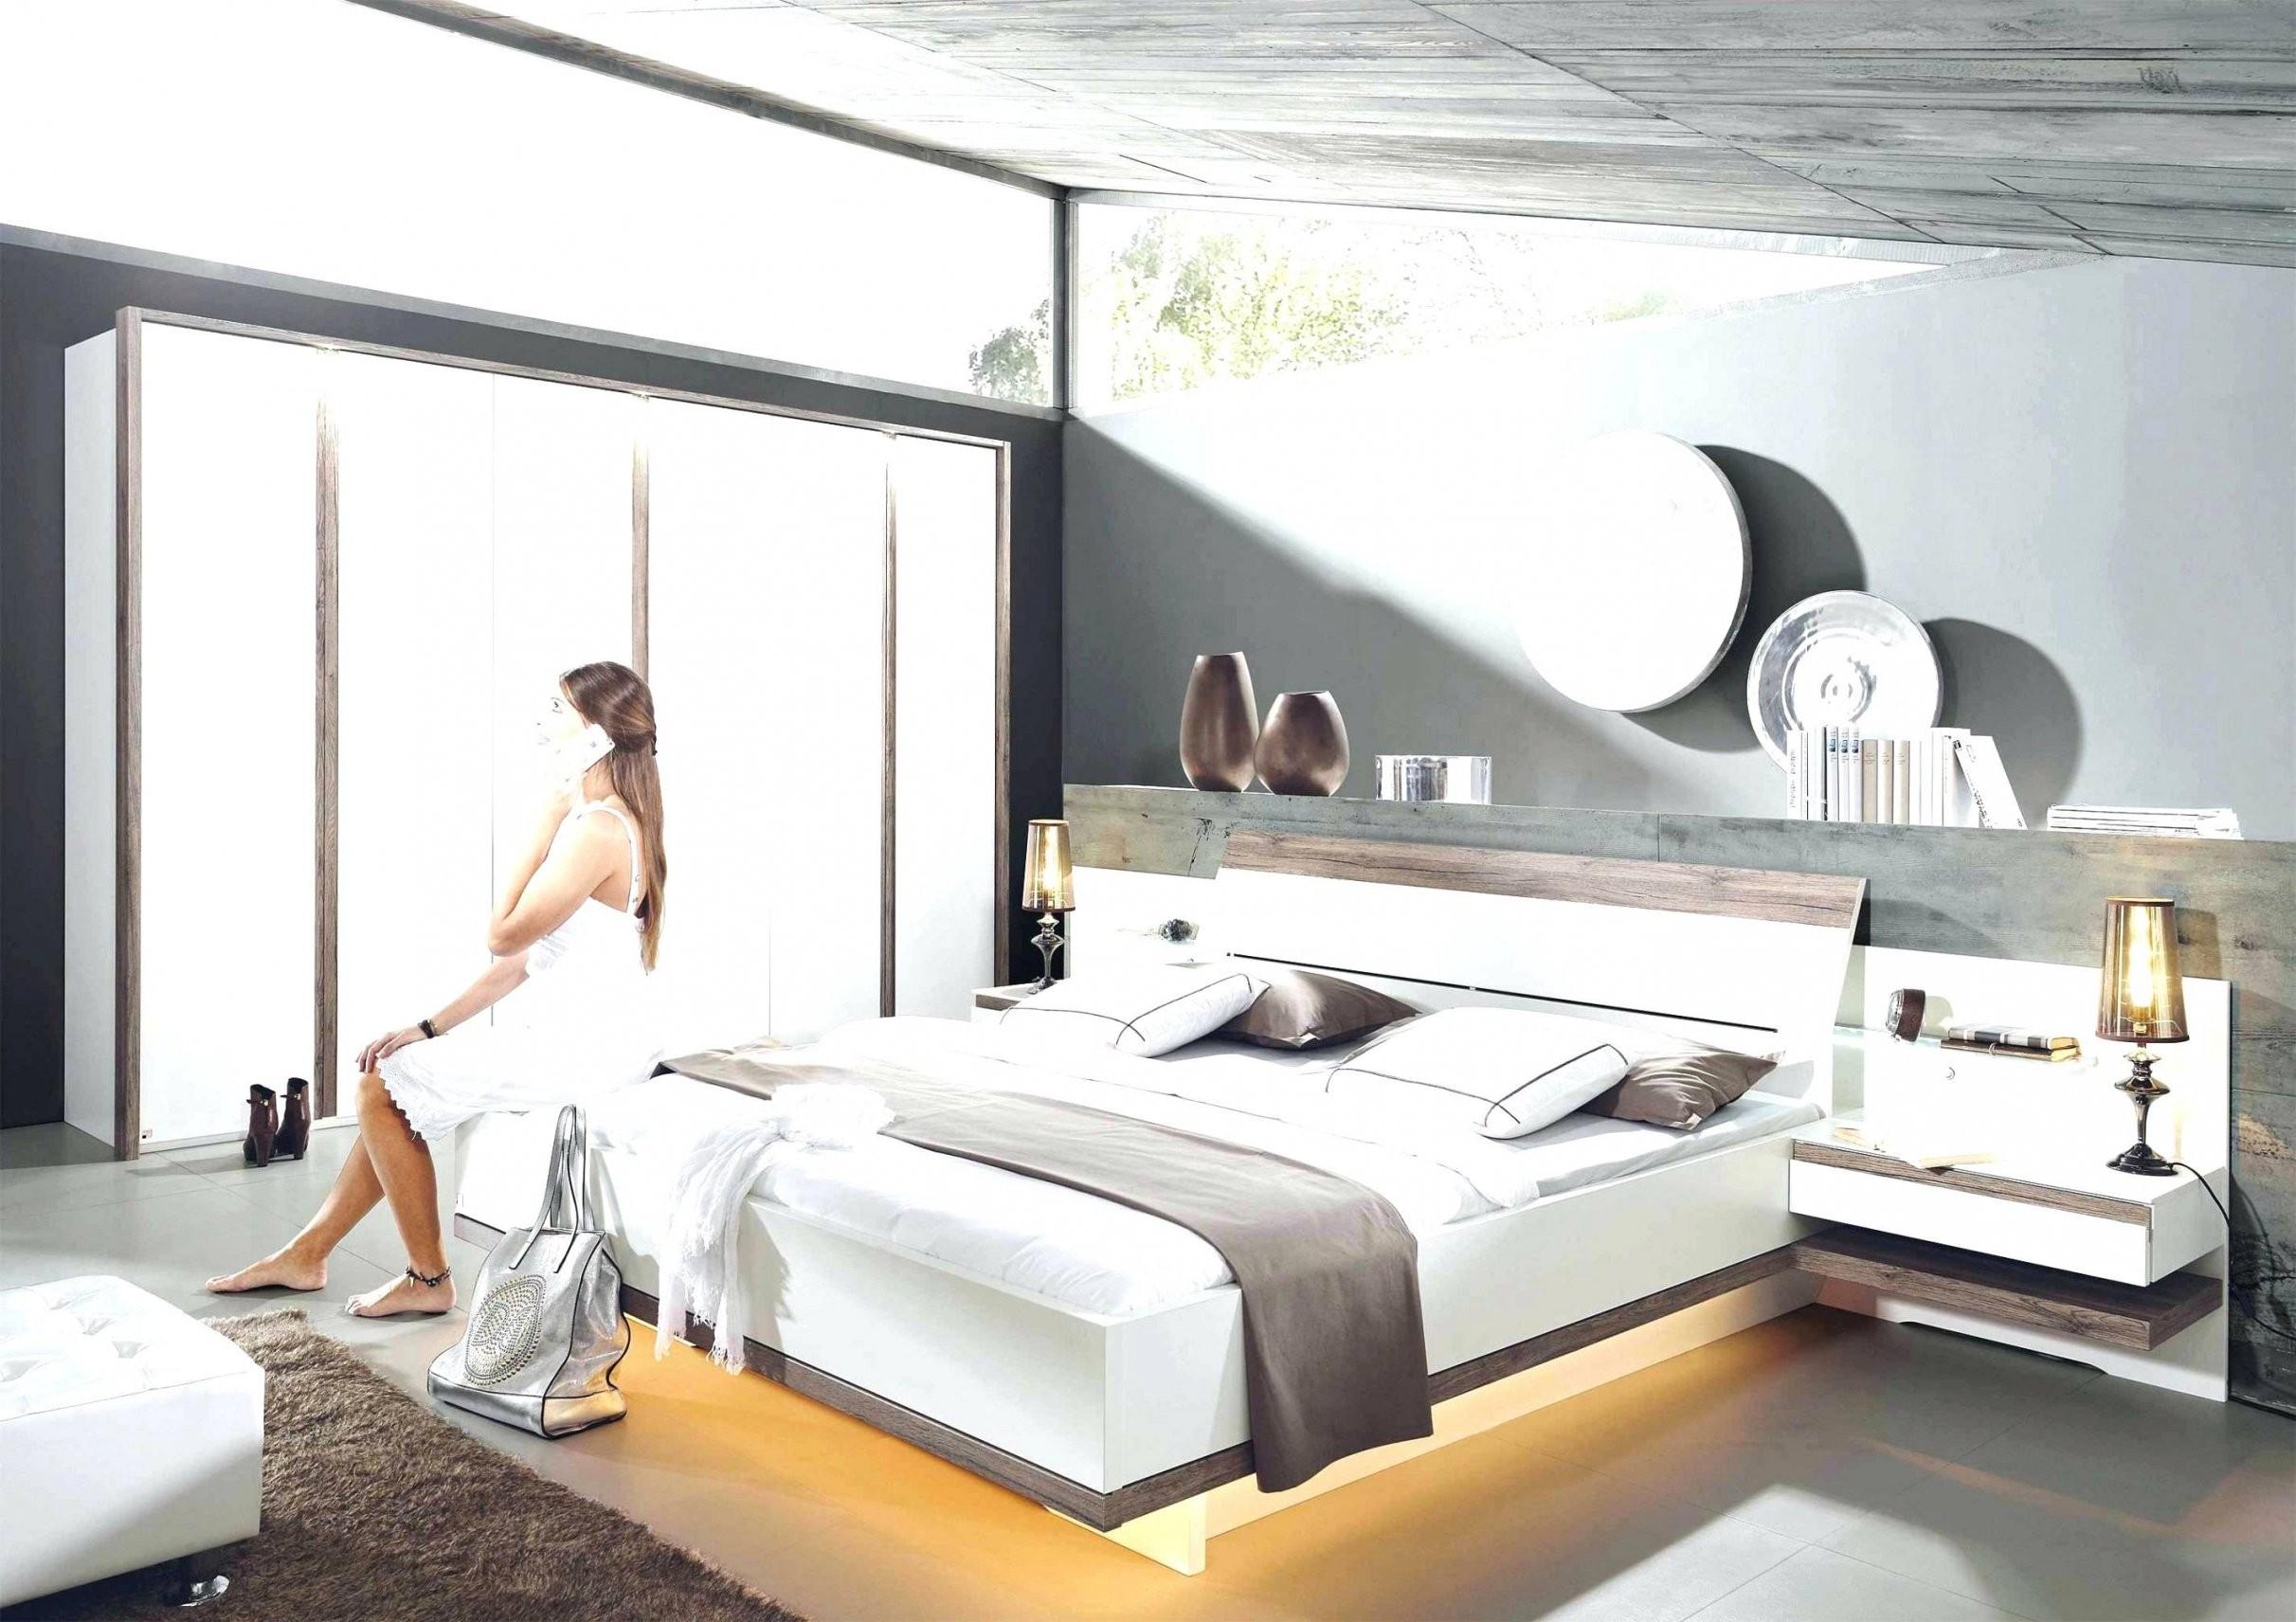 Futonbett 160×200 Mit Matratze Und Lattenrost Inspirierend von Bett 160X200 Mit Lattenrost Und Matratze Photo